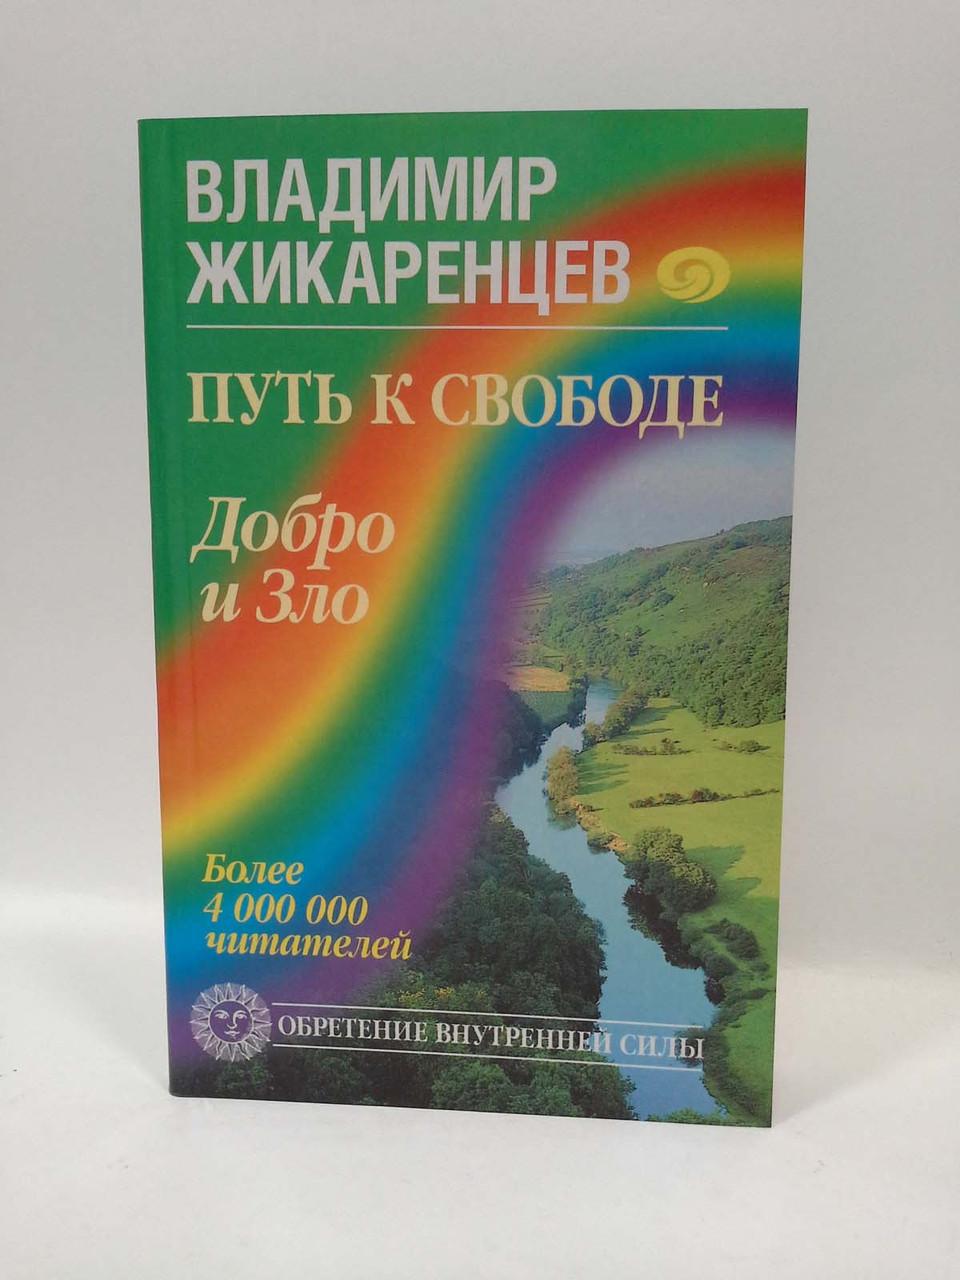 Эзо Жикаренцев 02 кн. Путь к свободе Добро и зло